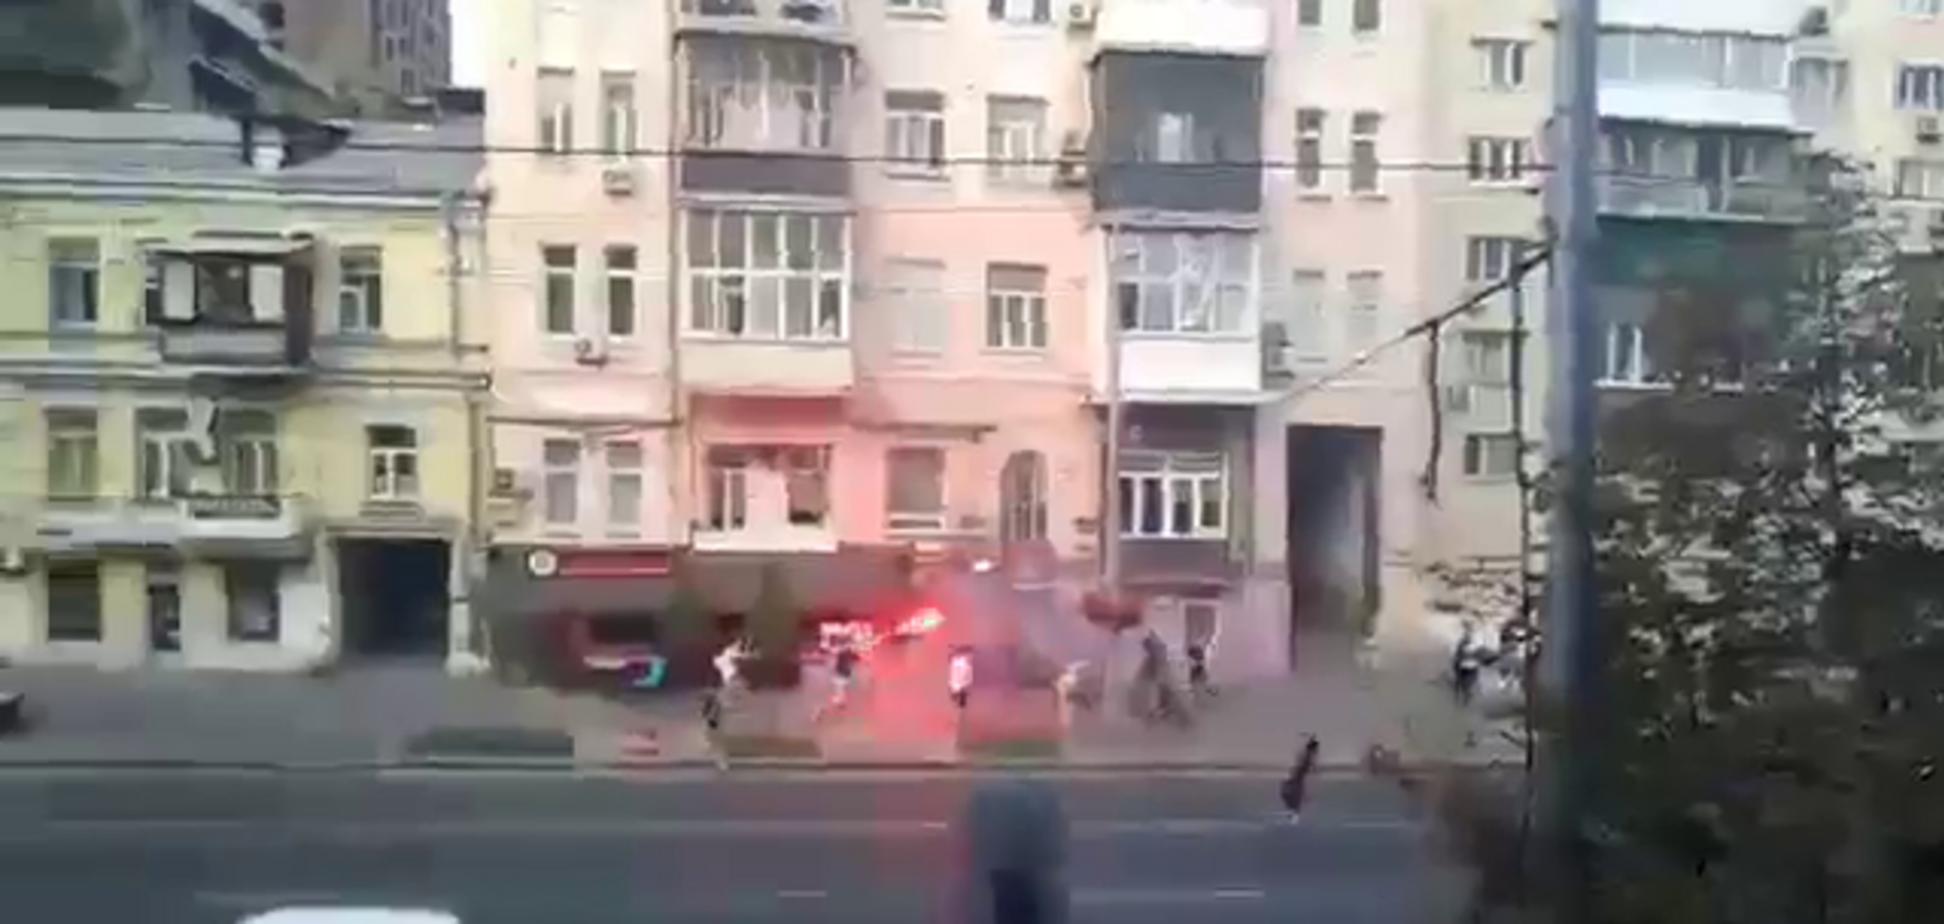 Футбольні фанати влаштували 'війну' в Києві, перед матчем Ліги чемпіонів - відеофакт